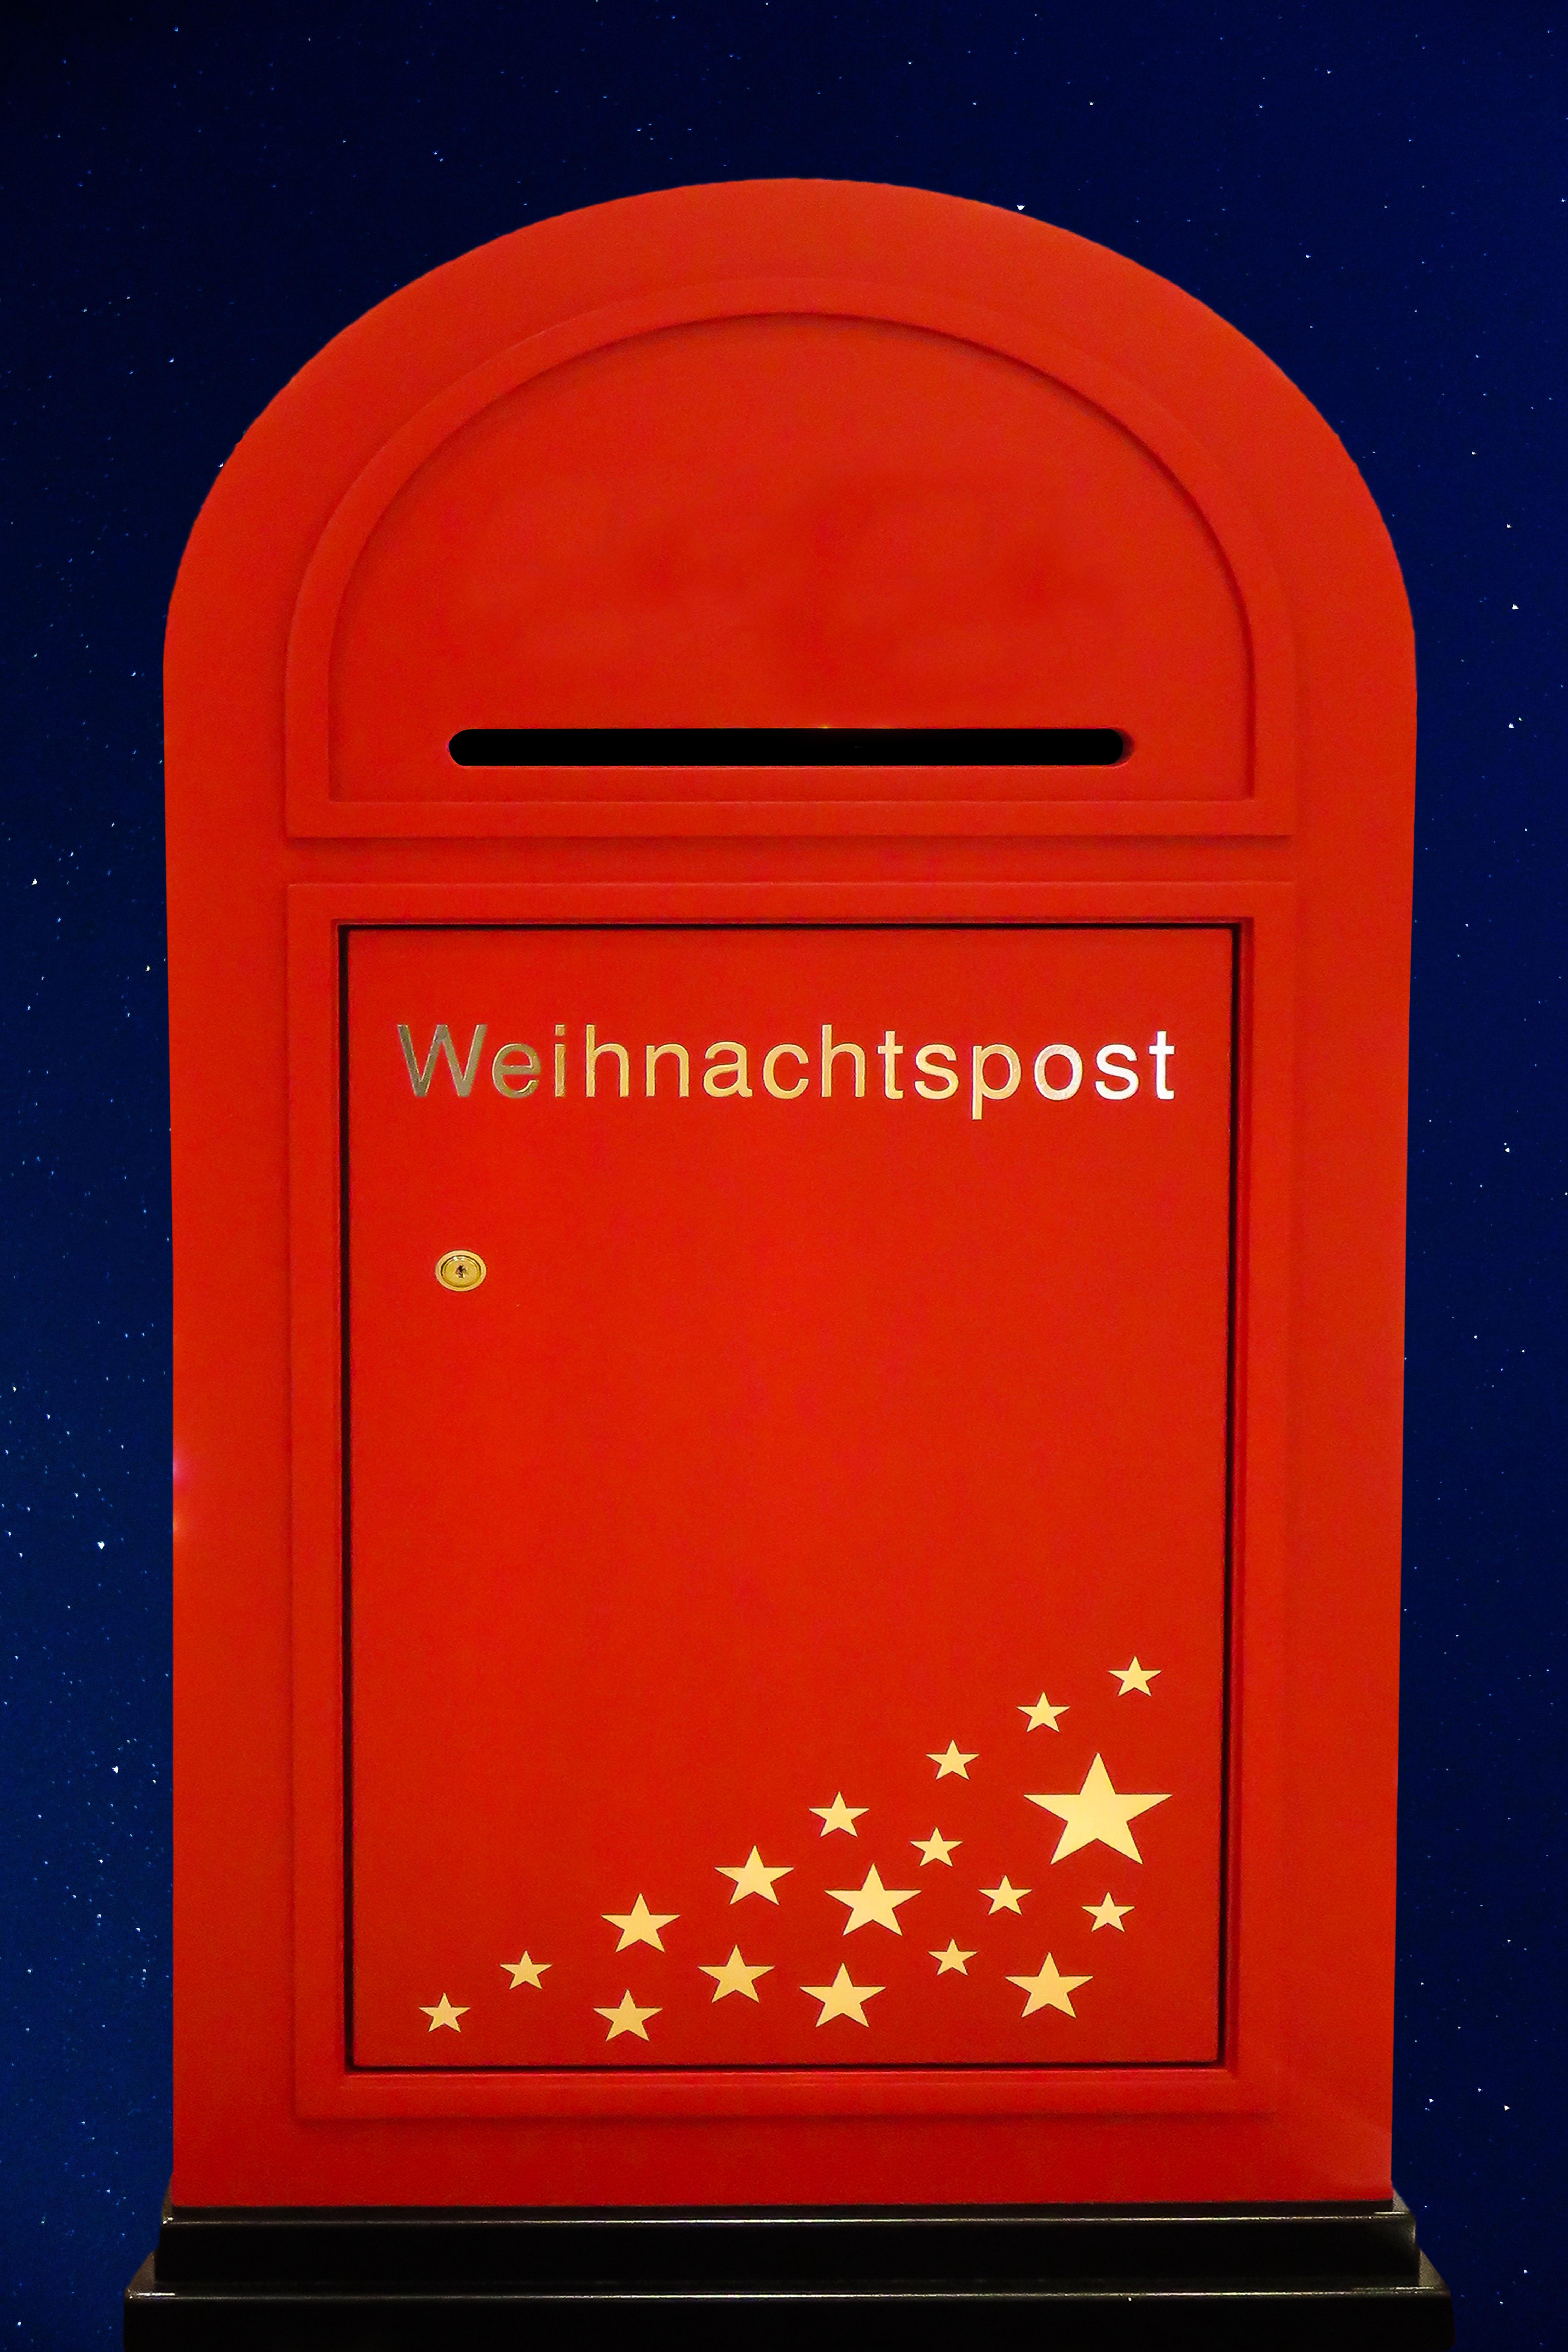 Kostenlose foto : Post, Nummer, rot, Weihnachten, Briefkasten ...